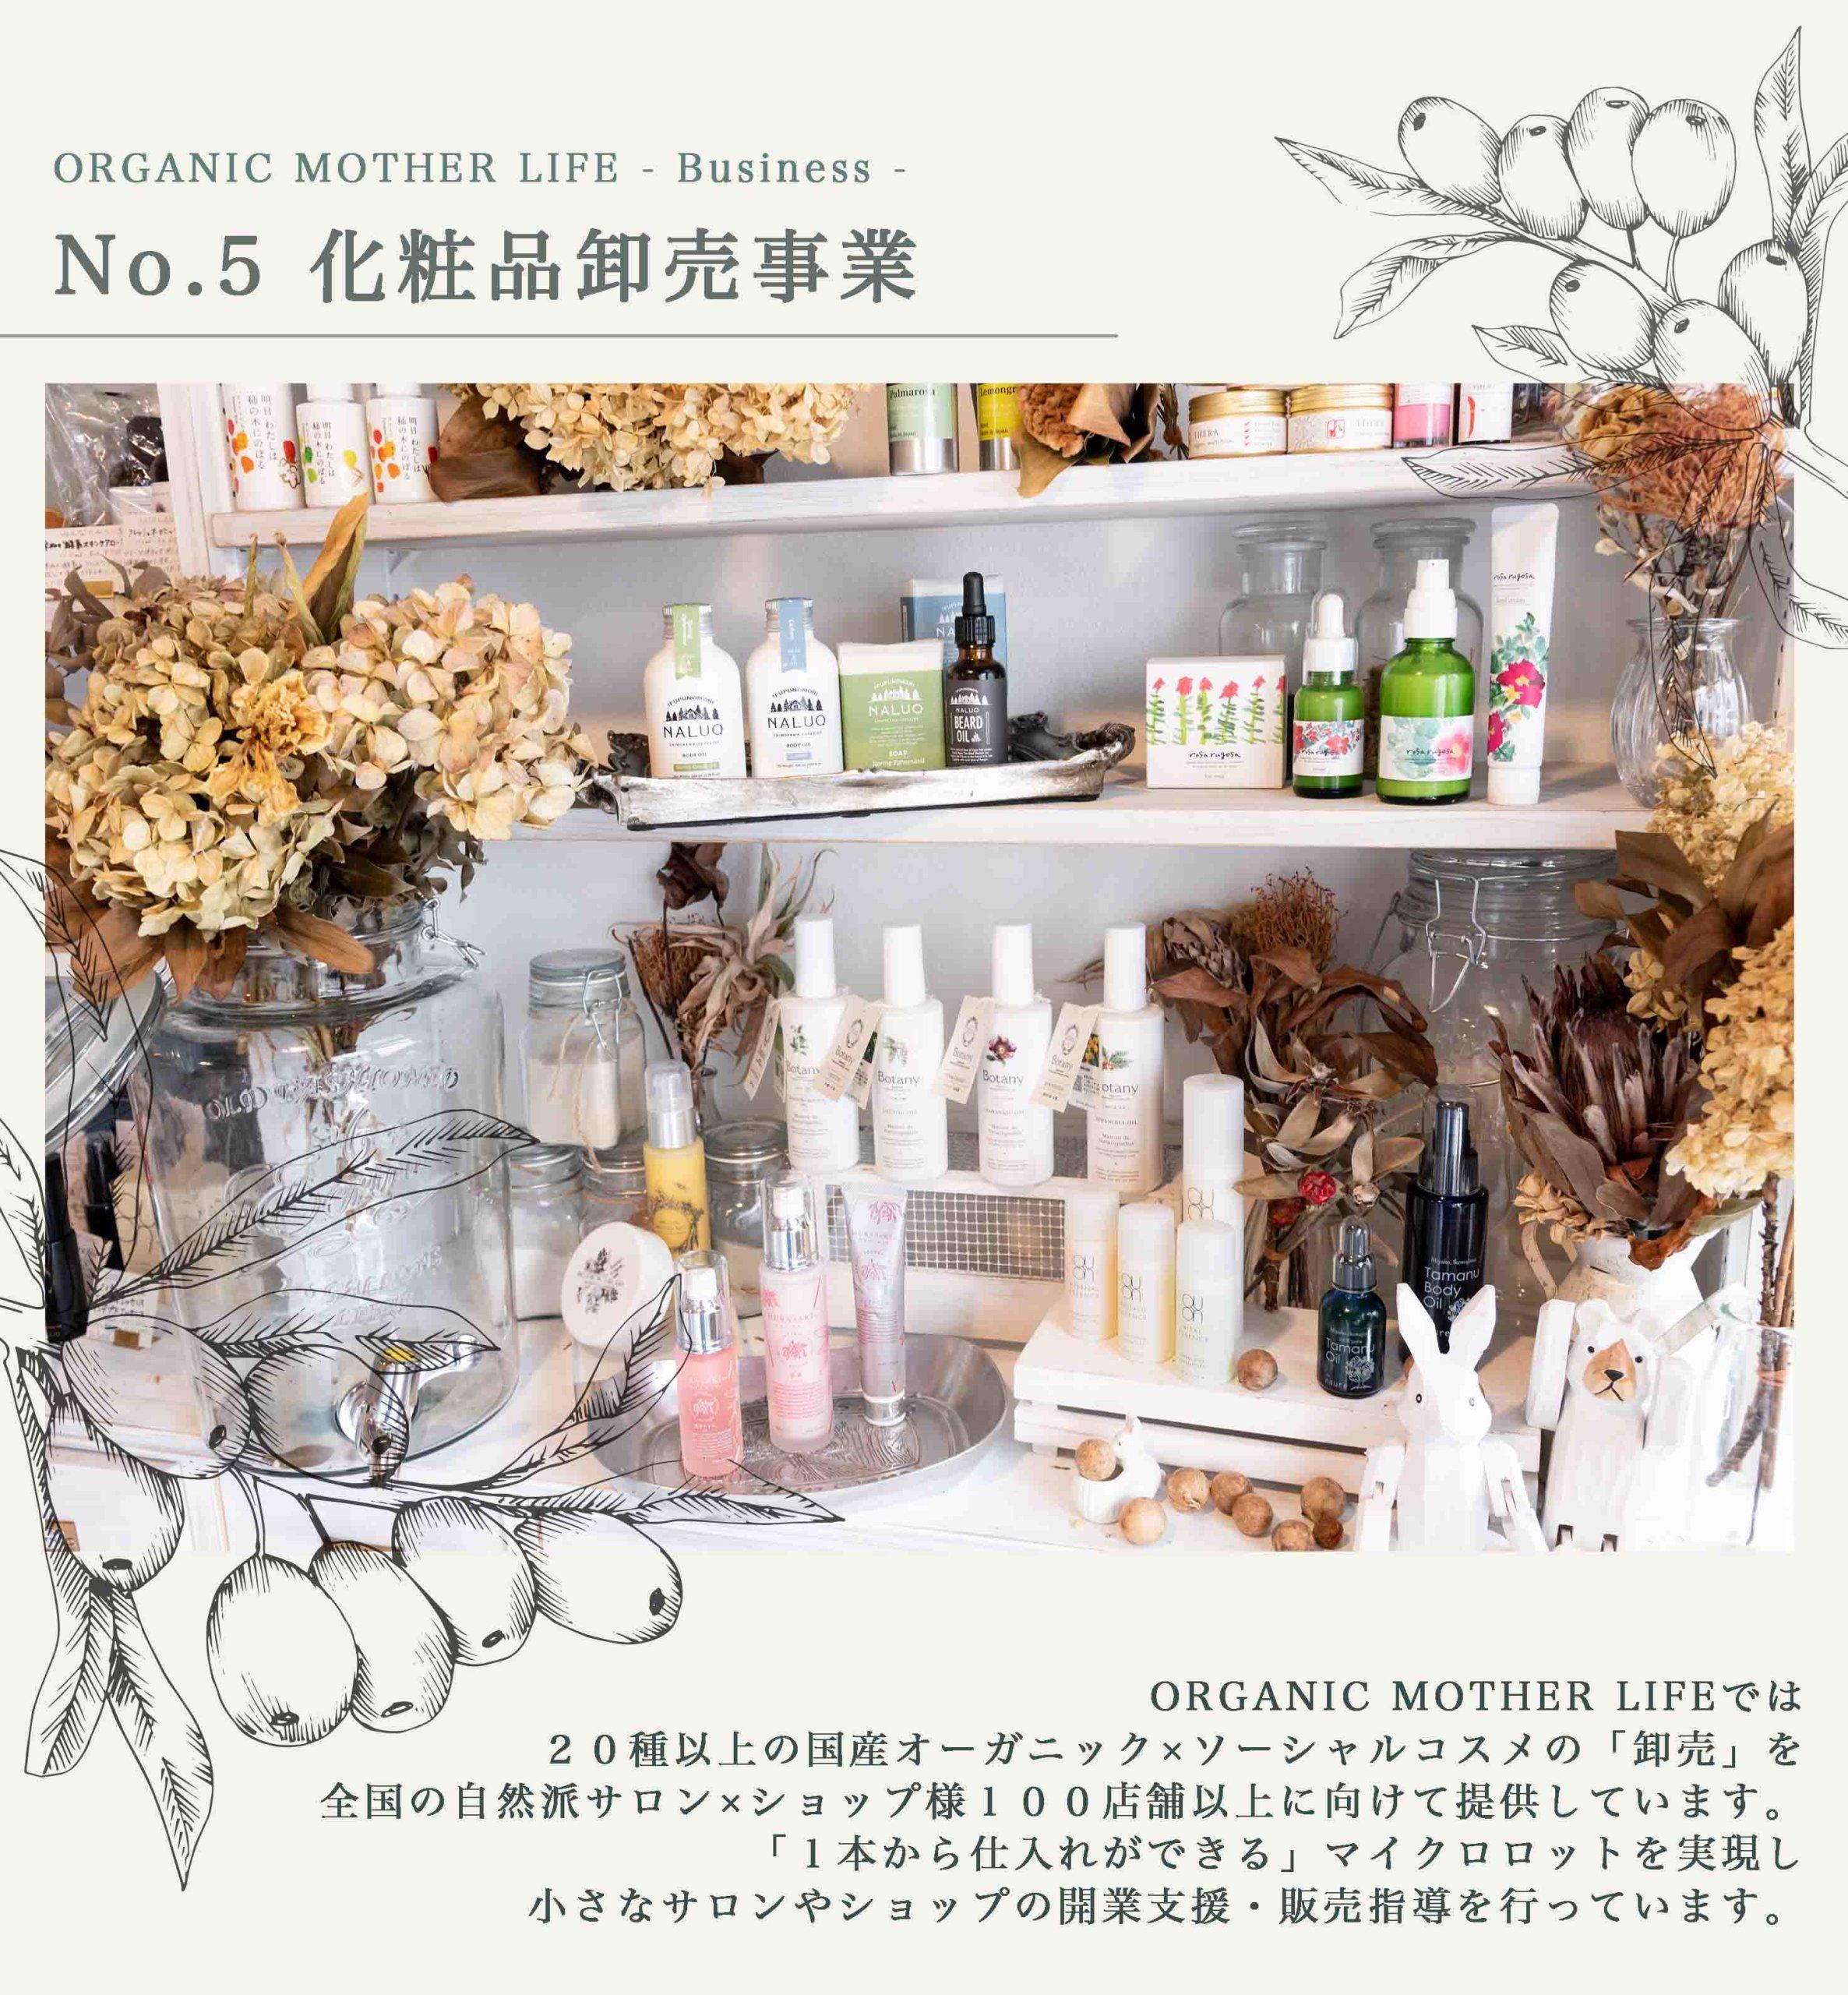 No.5 化粧品卸売事業